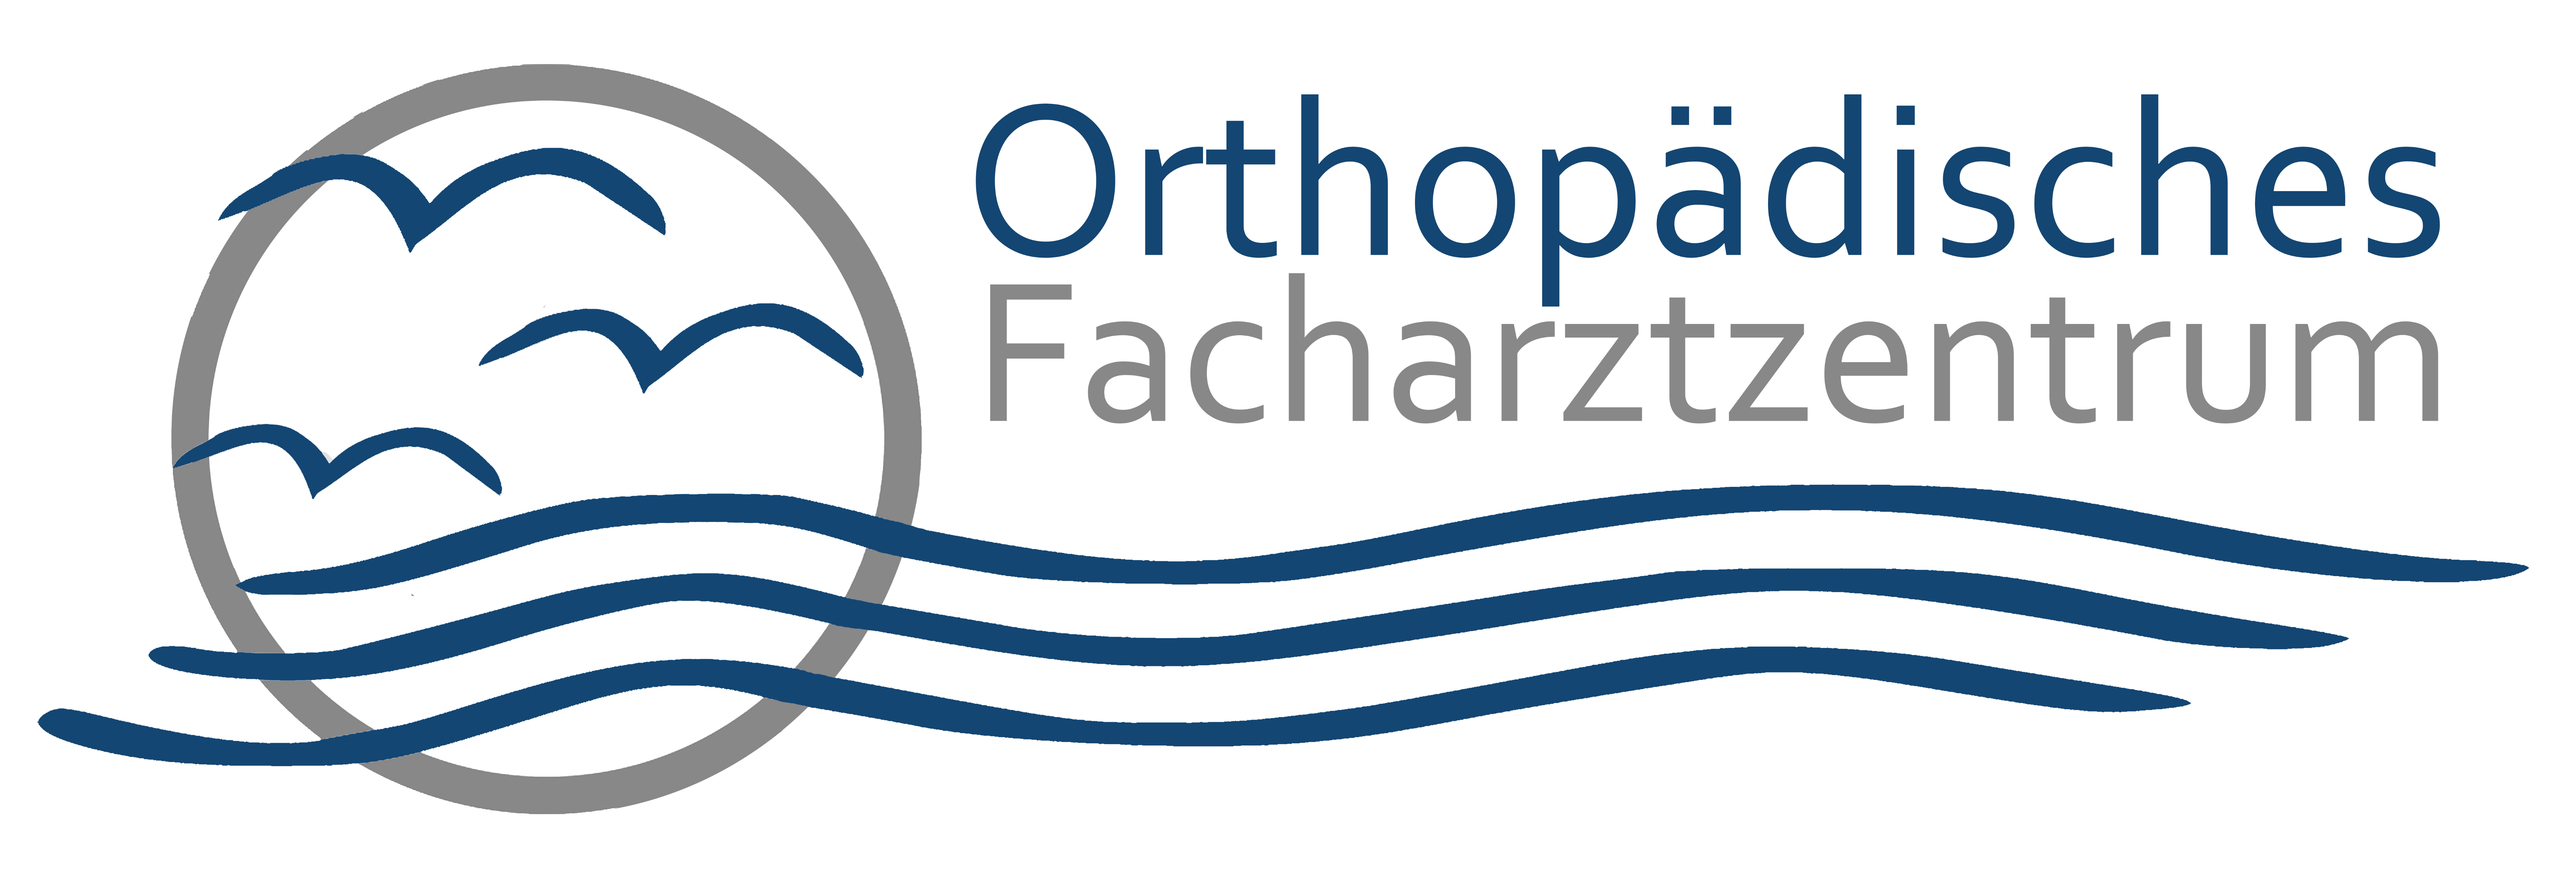 Logo des orthopädischen Facharztzentrums